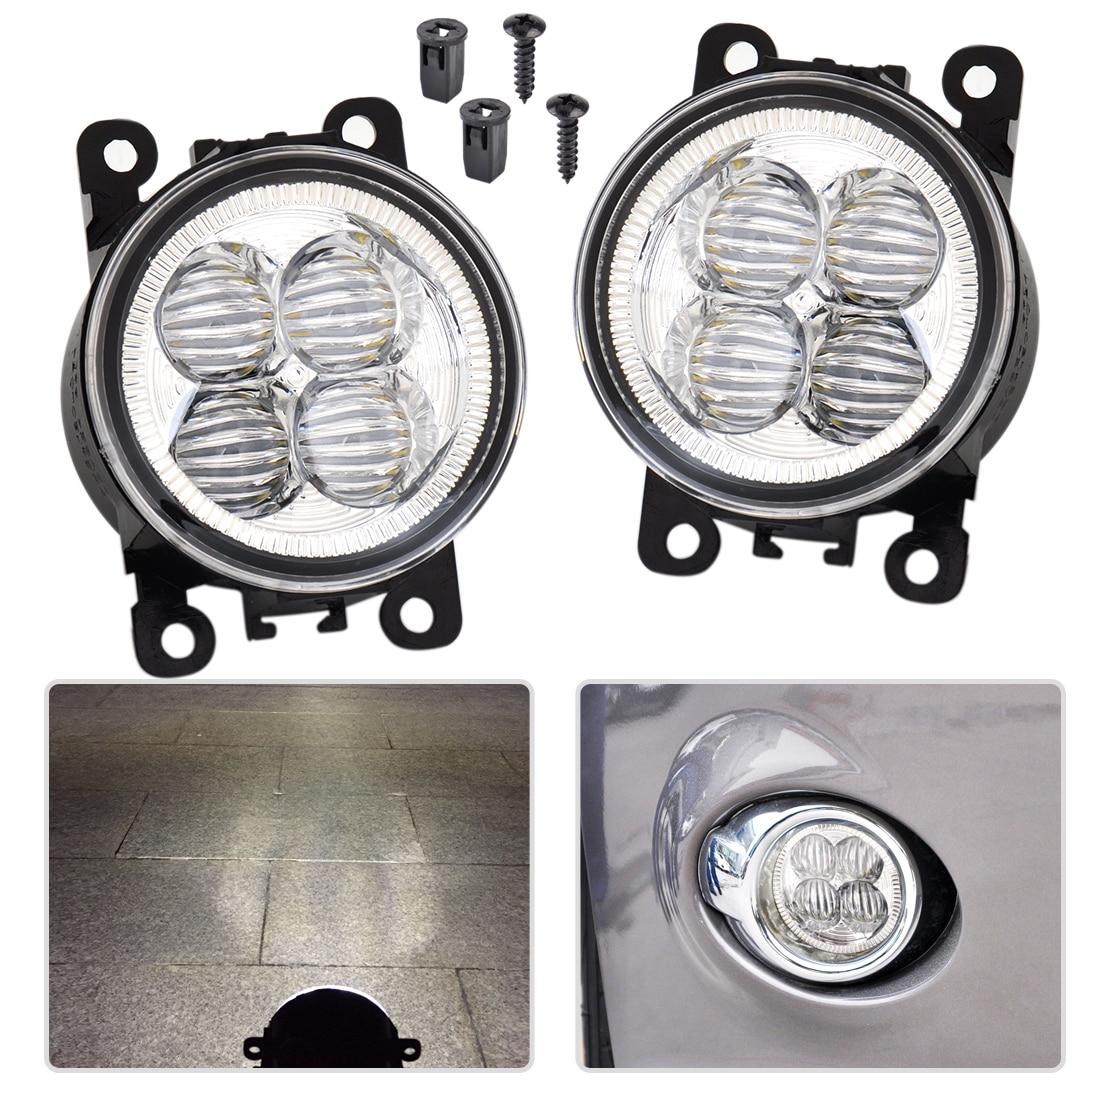 CITALL 2 pcs Souligné Blanc LED Brouillard Lumière Remplacement De La Lampe Fit pour Ford Focus C-max Acura Infiniti Honda nissan Subaru Suzuki